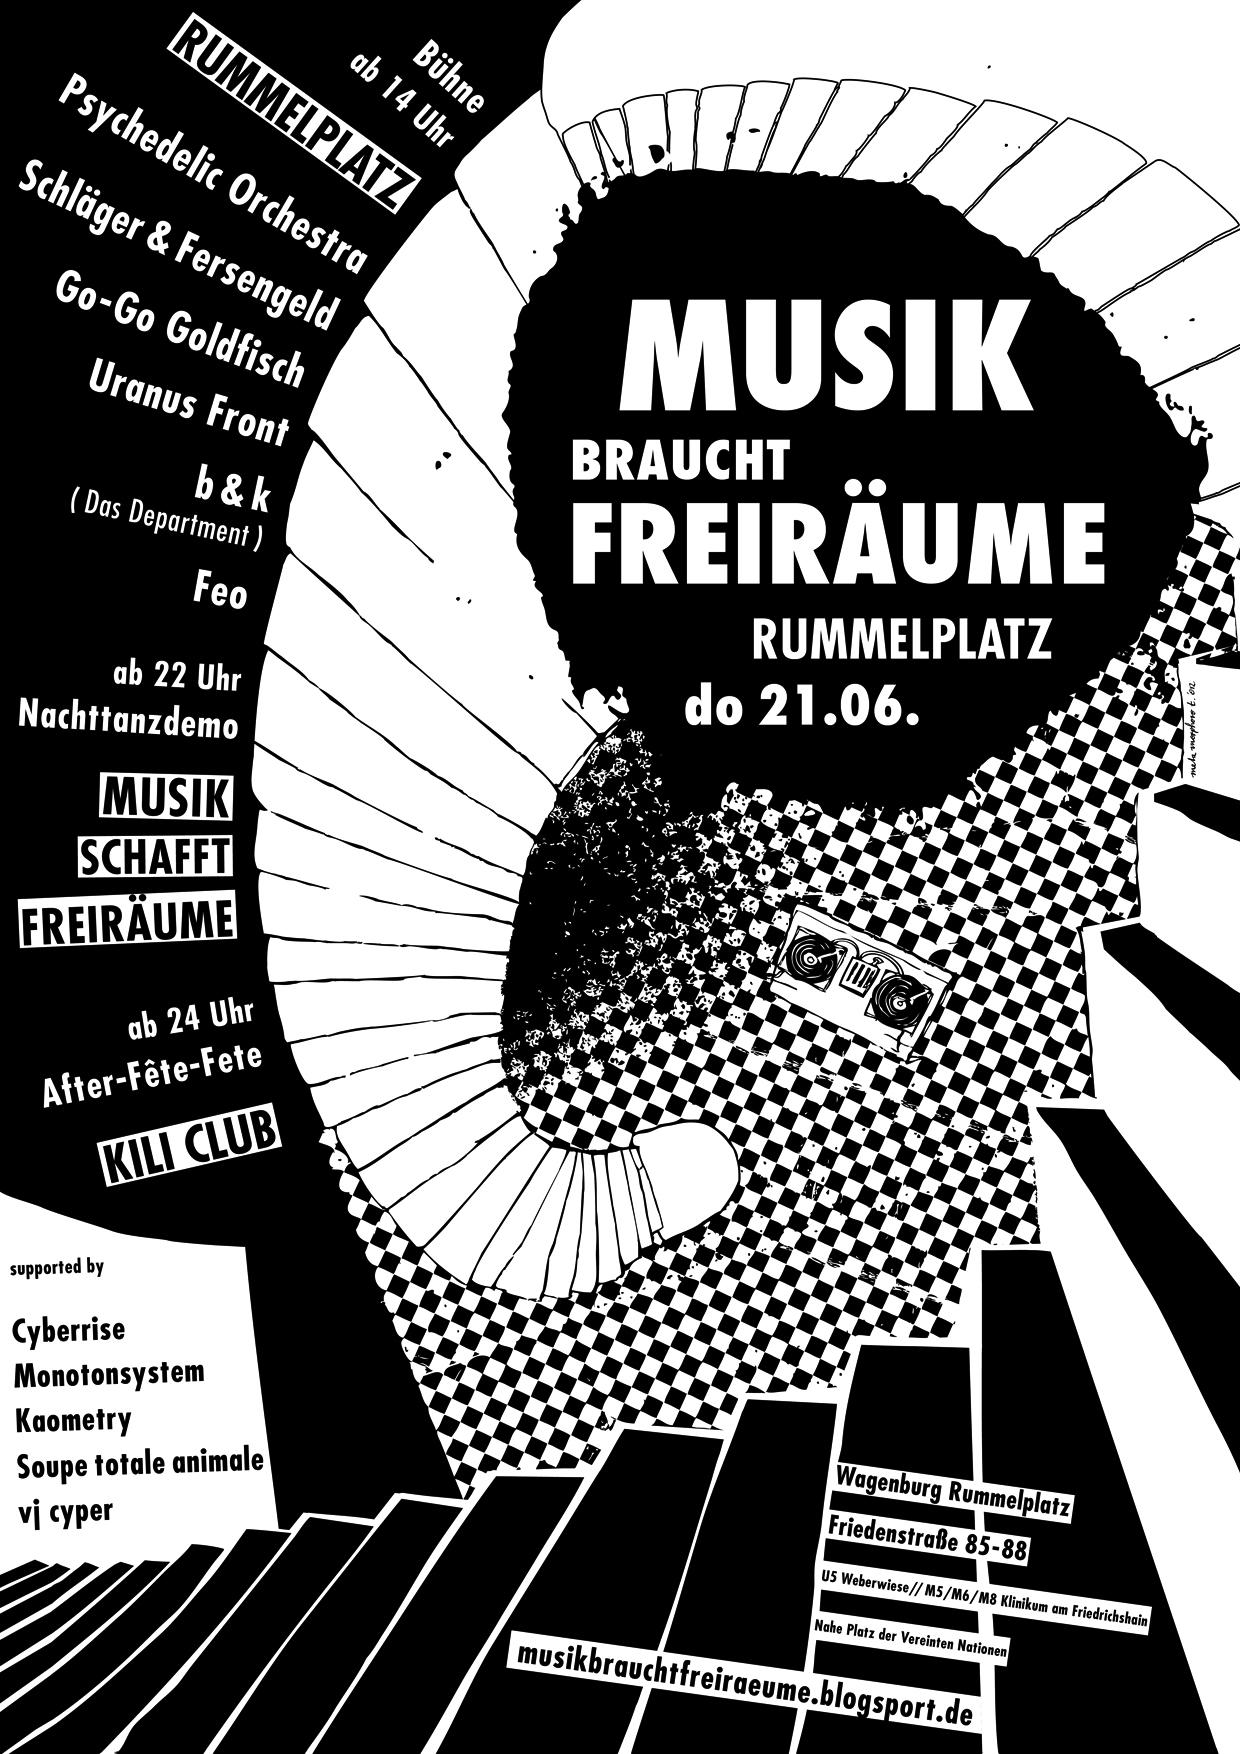 http://musikbrauchtfreiraeume.blogsport.de/images/FLYER_A6X.jpg